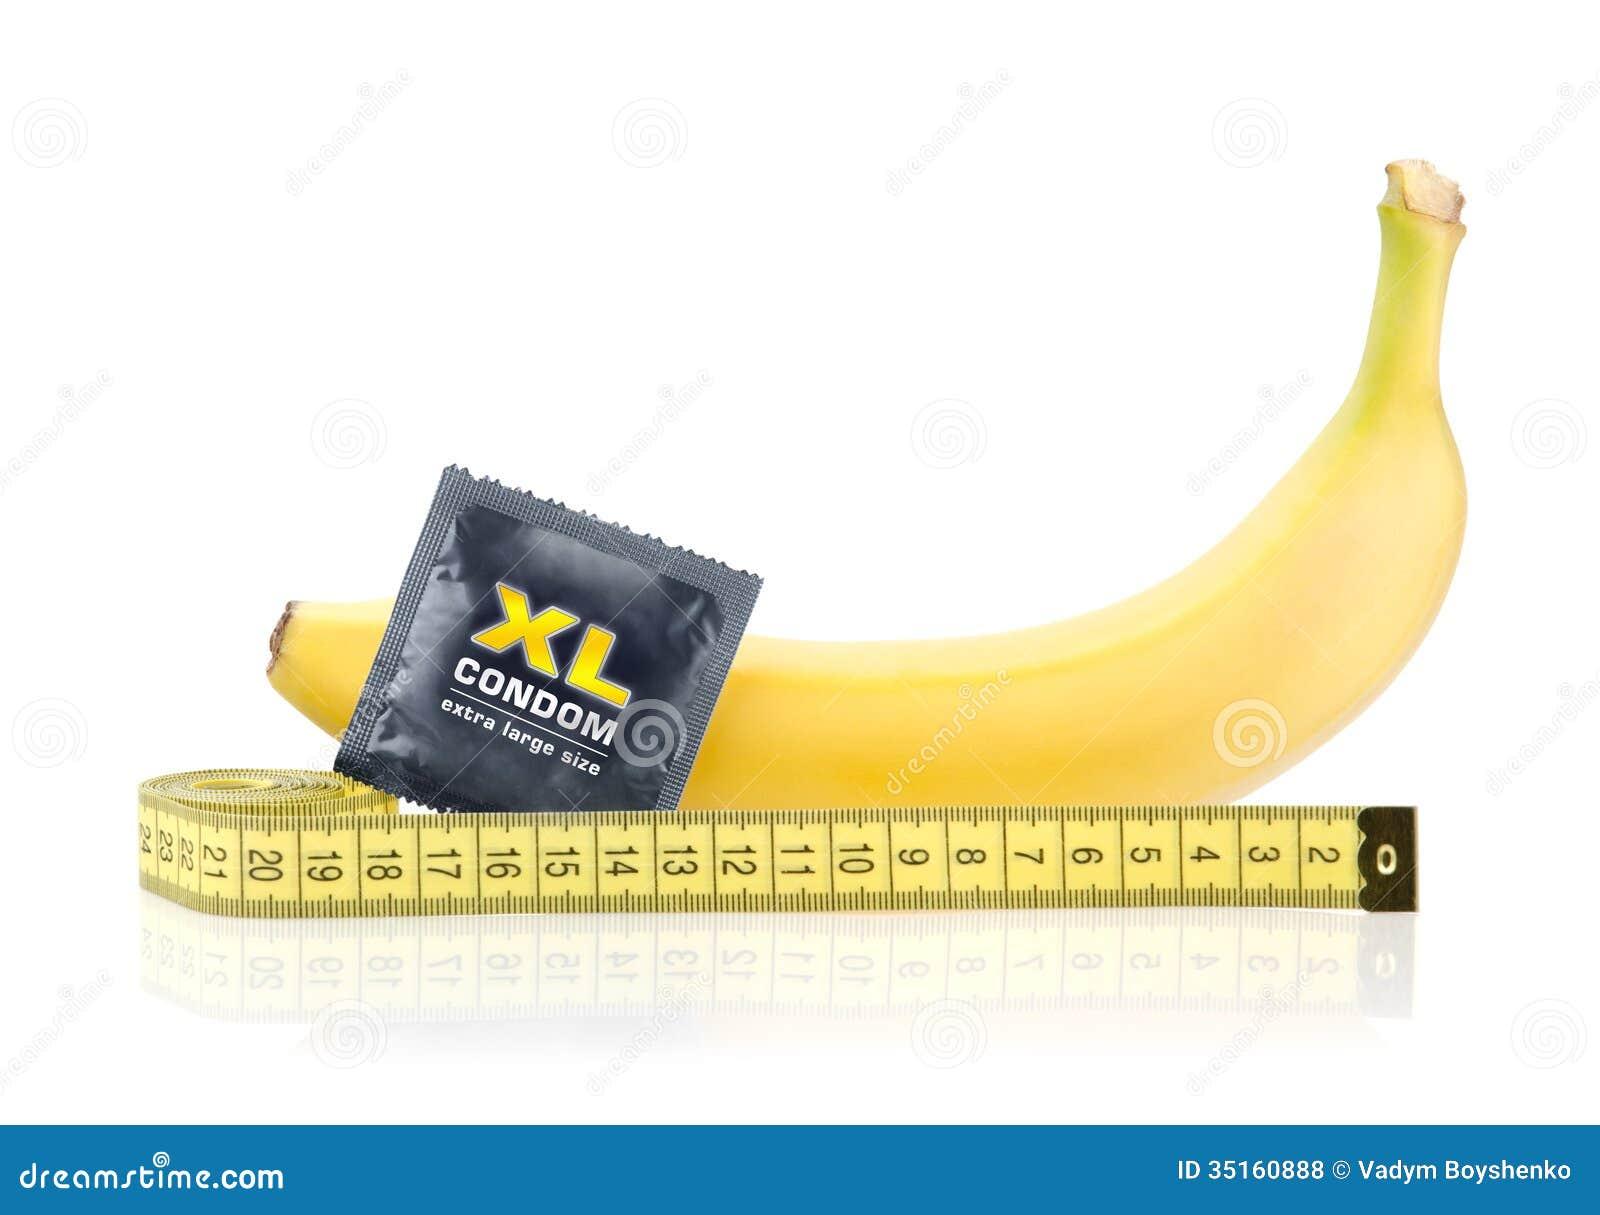 gelbe banane mit kondom und messendem band stockfoto bild von kondom instrument 35160888. Black Bedroom Furniture Sets. Home Design Ideas